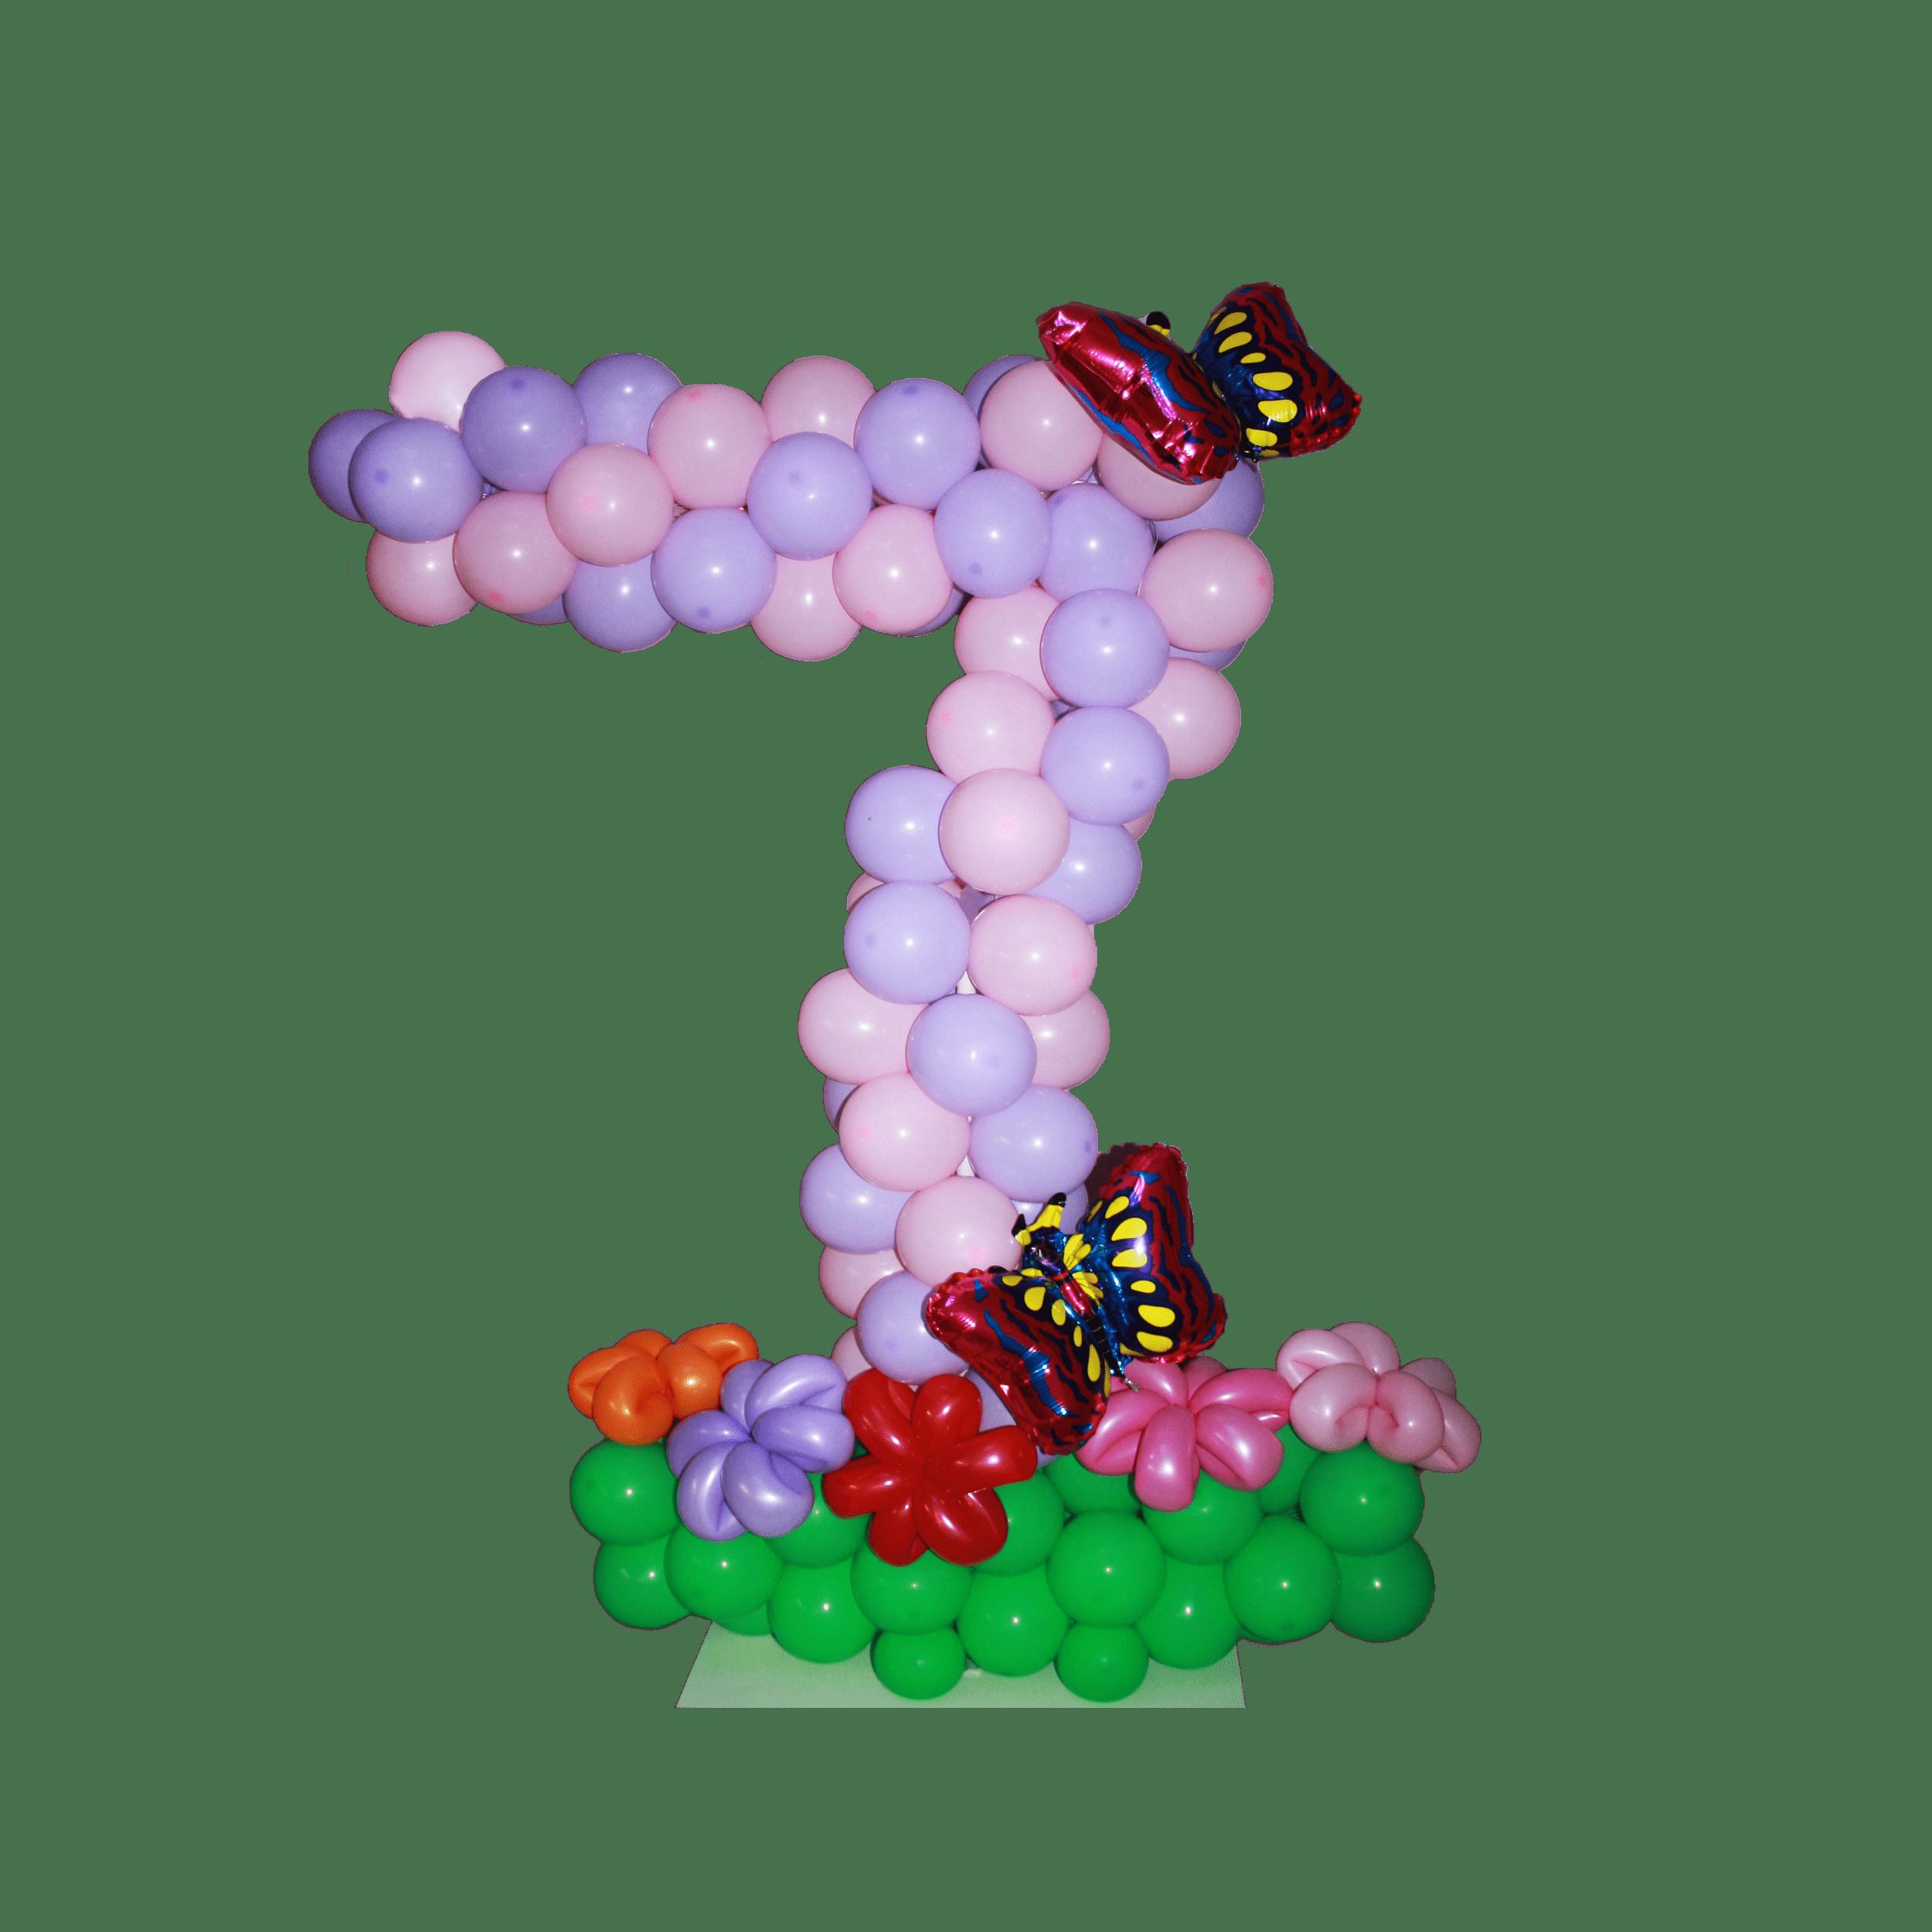 цифра семь из воздушных шариков с бабочками